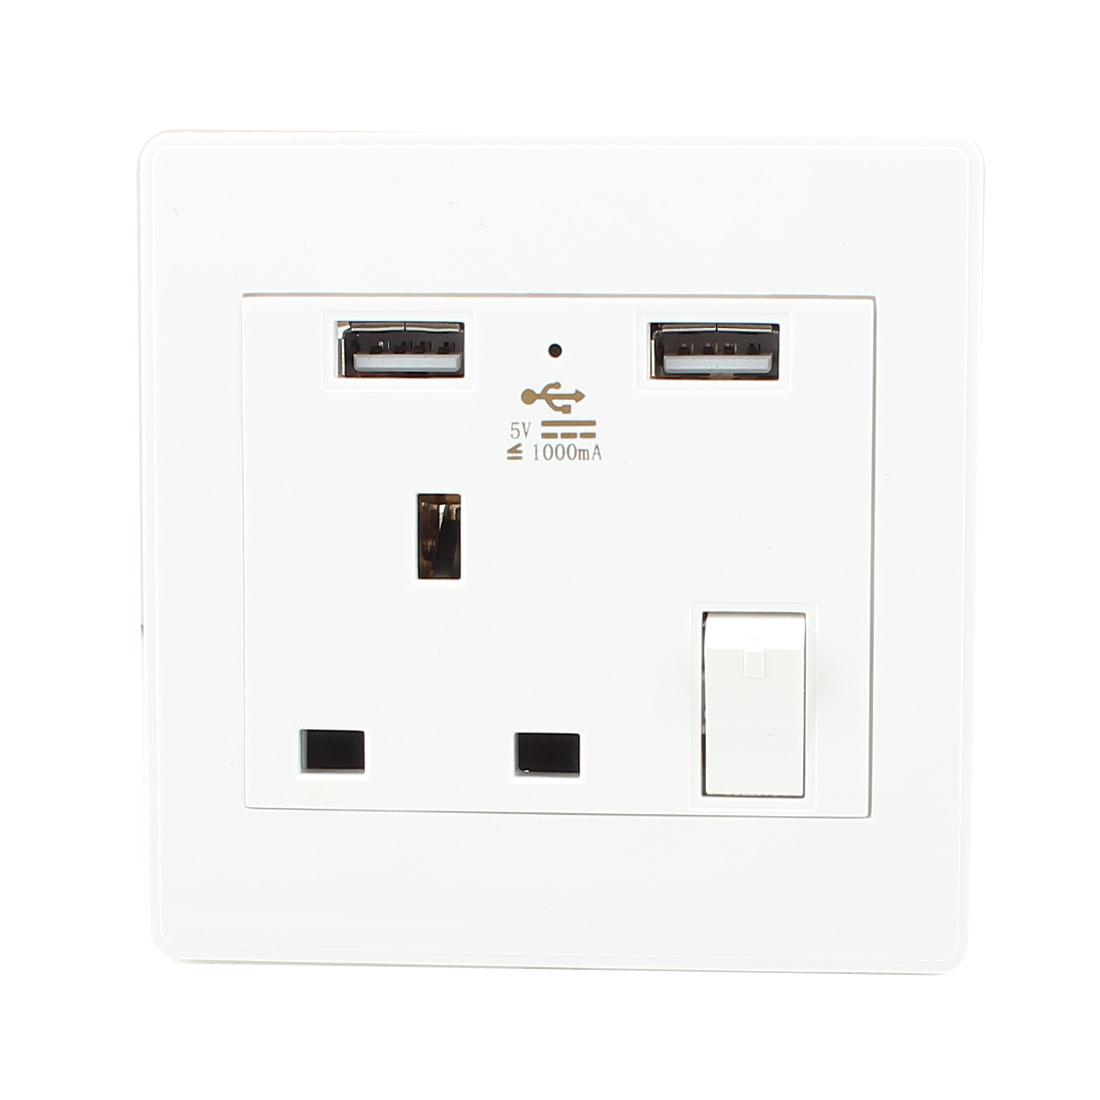 AC 110V-250V UK Socket 2 USB Port Charging DC 5V 1000mA Switch Mains Power Wall Outlet